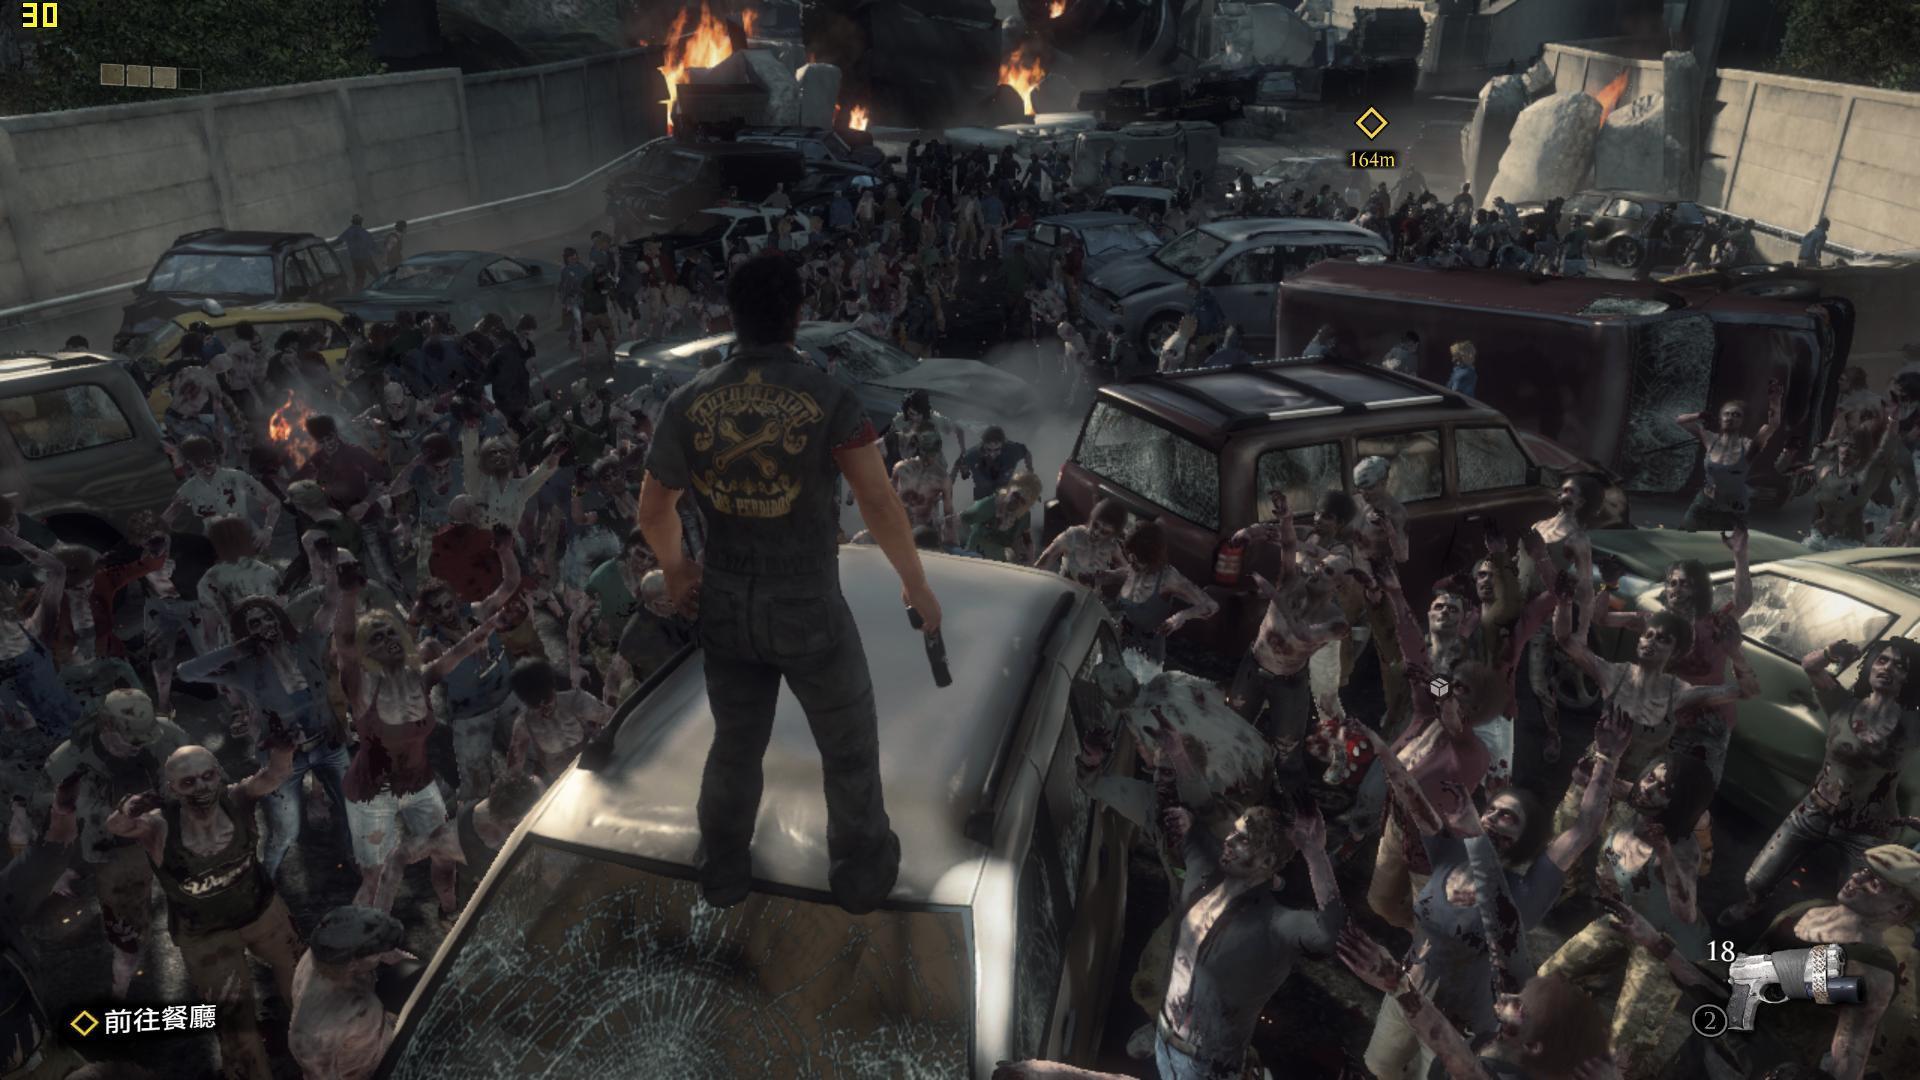 《丧尸围城1》即将登陆PS4平台